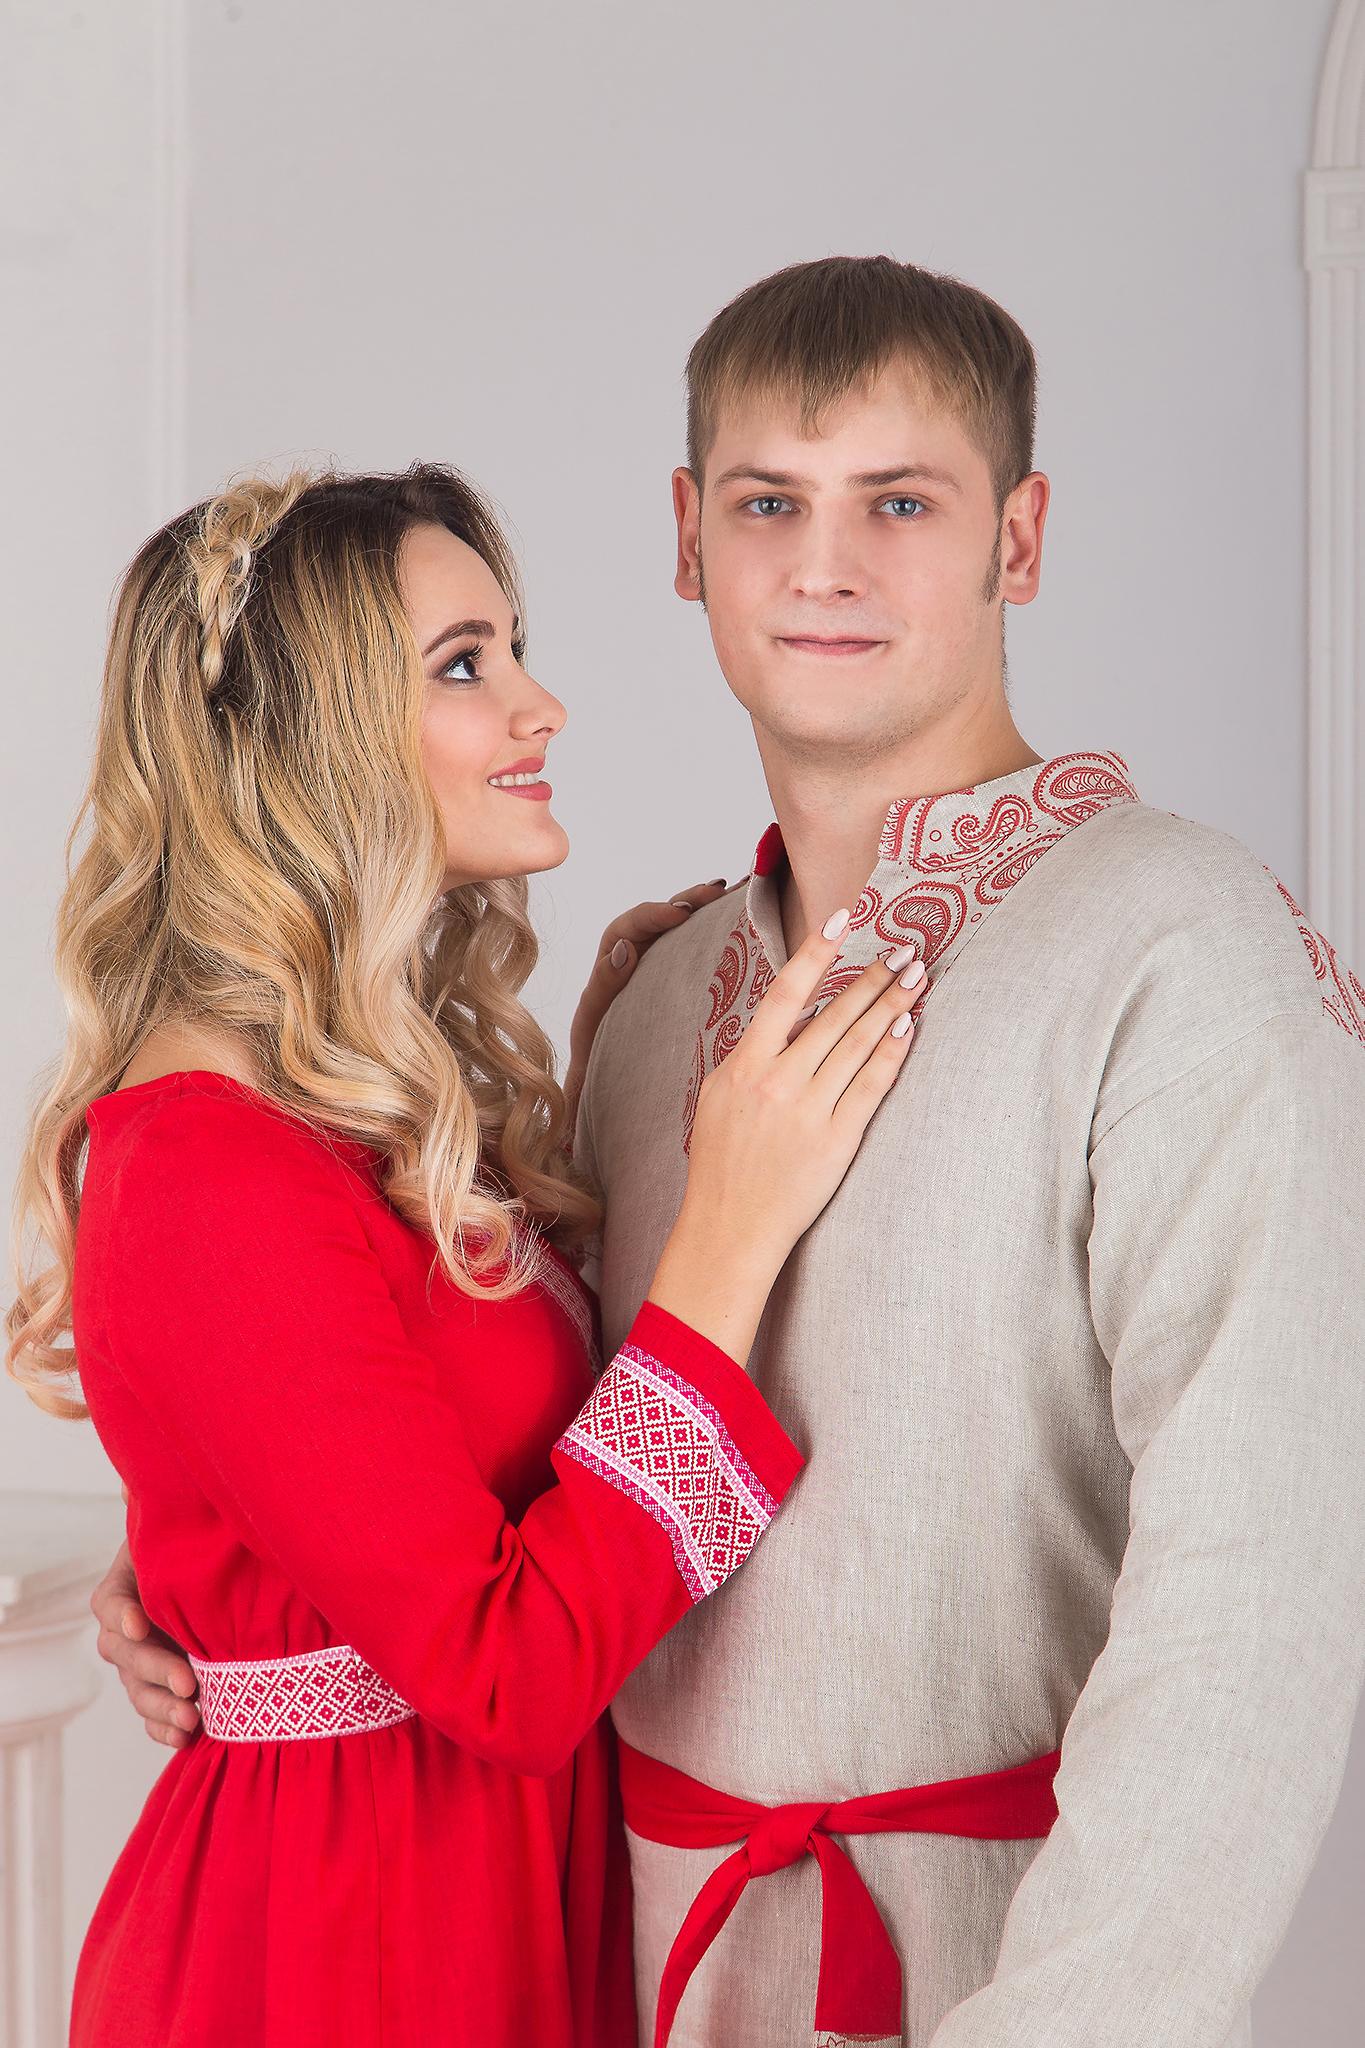 Платье красное Алатырь с рукавом с Княжичем